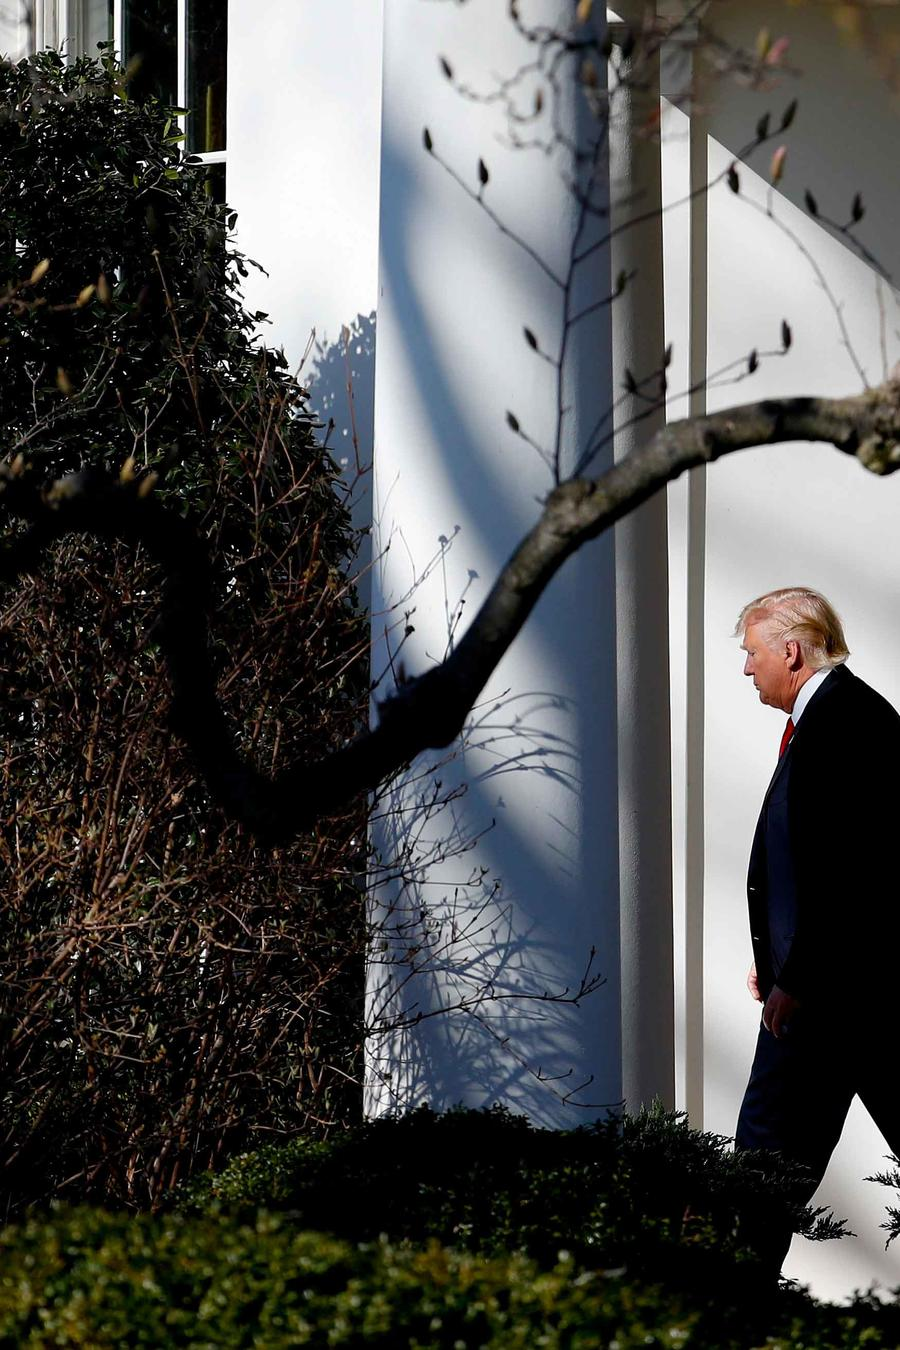 El presidente Trump en la Casa Blanca